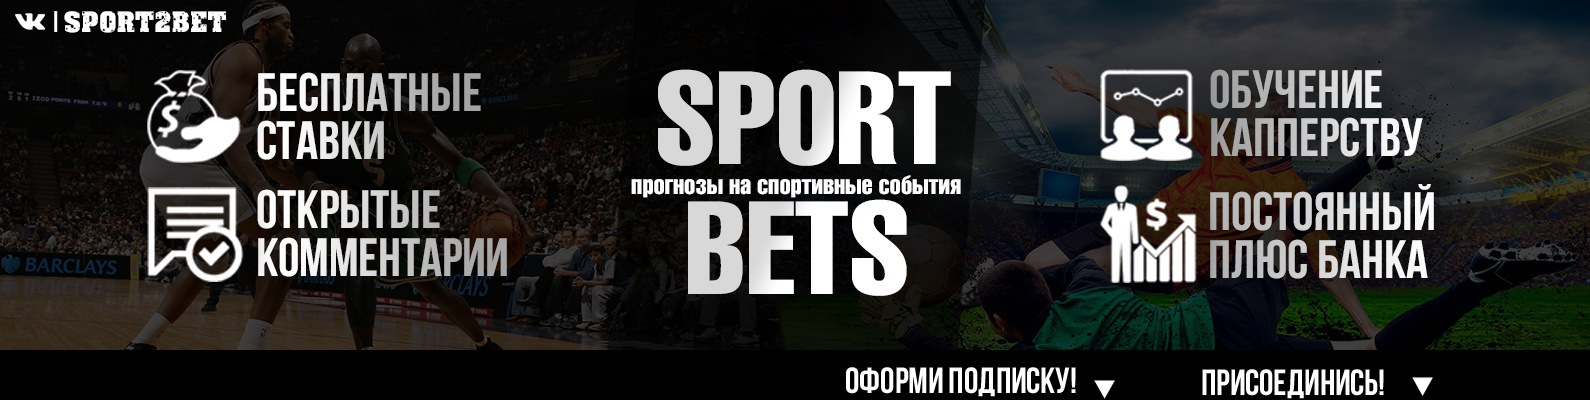 Прогнозы на Спортивные События Бесплатно